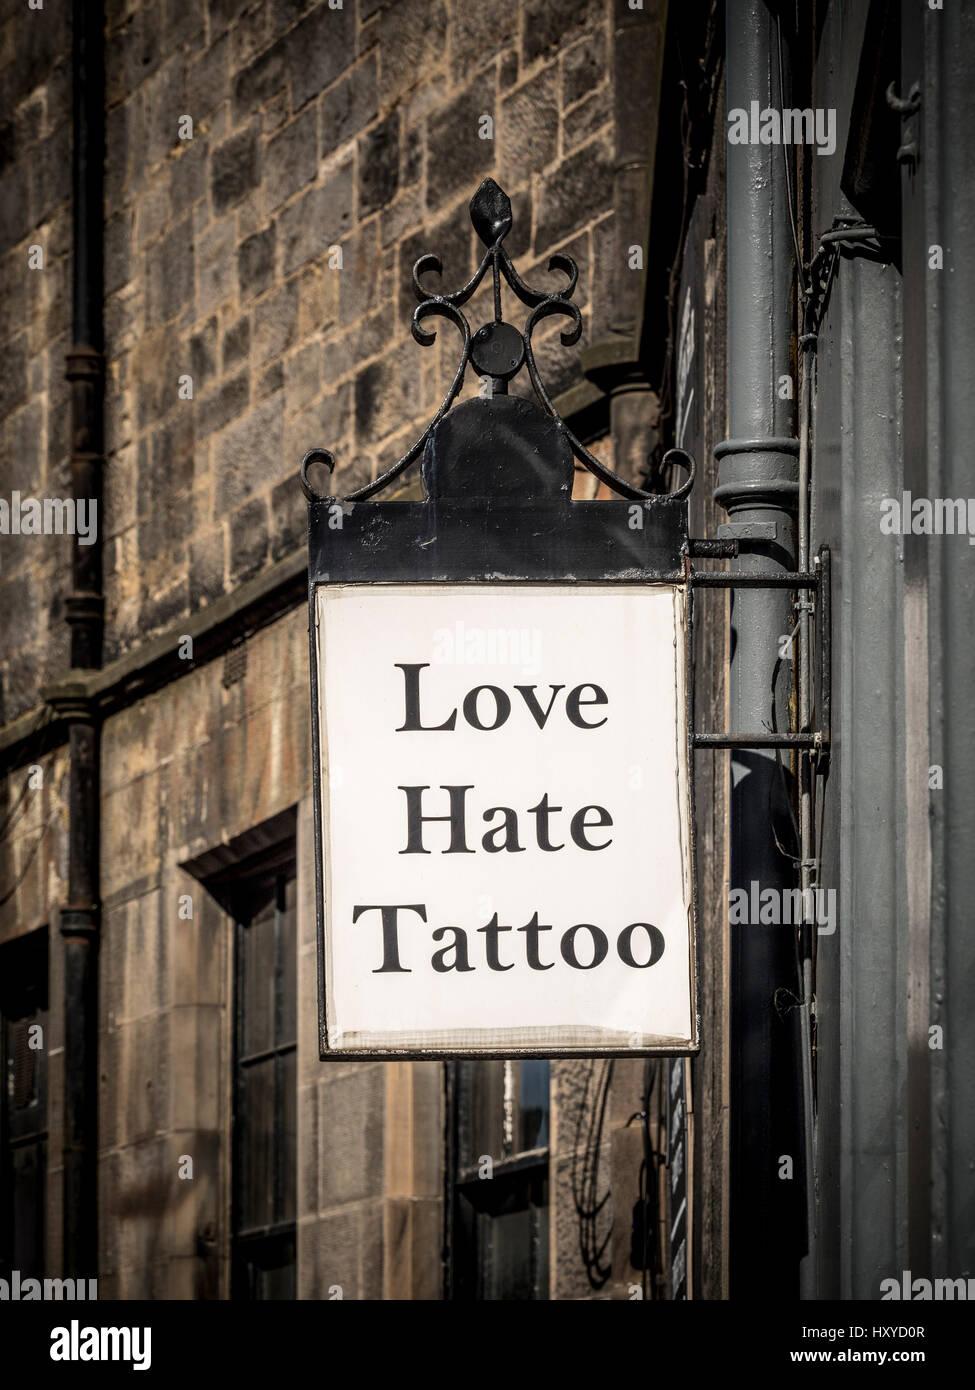 La haine l'amour signe extérieur de tatoueur Tattoo shop, Édimbourg, Écosse. Photo Stock